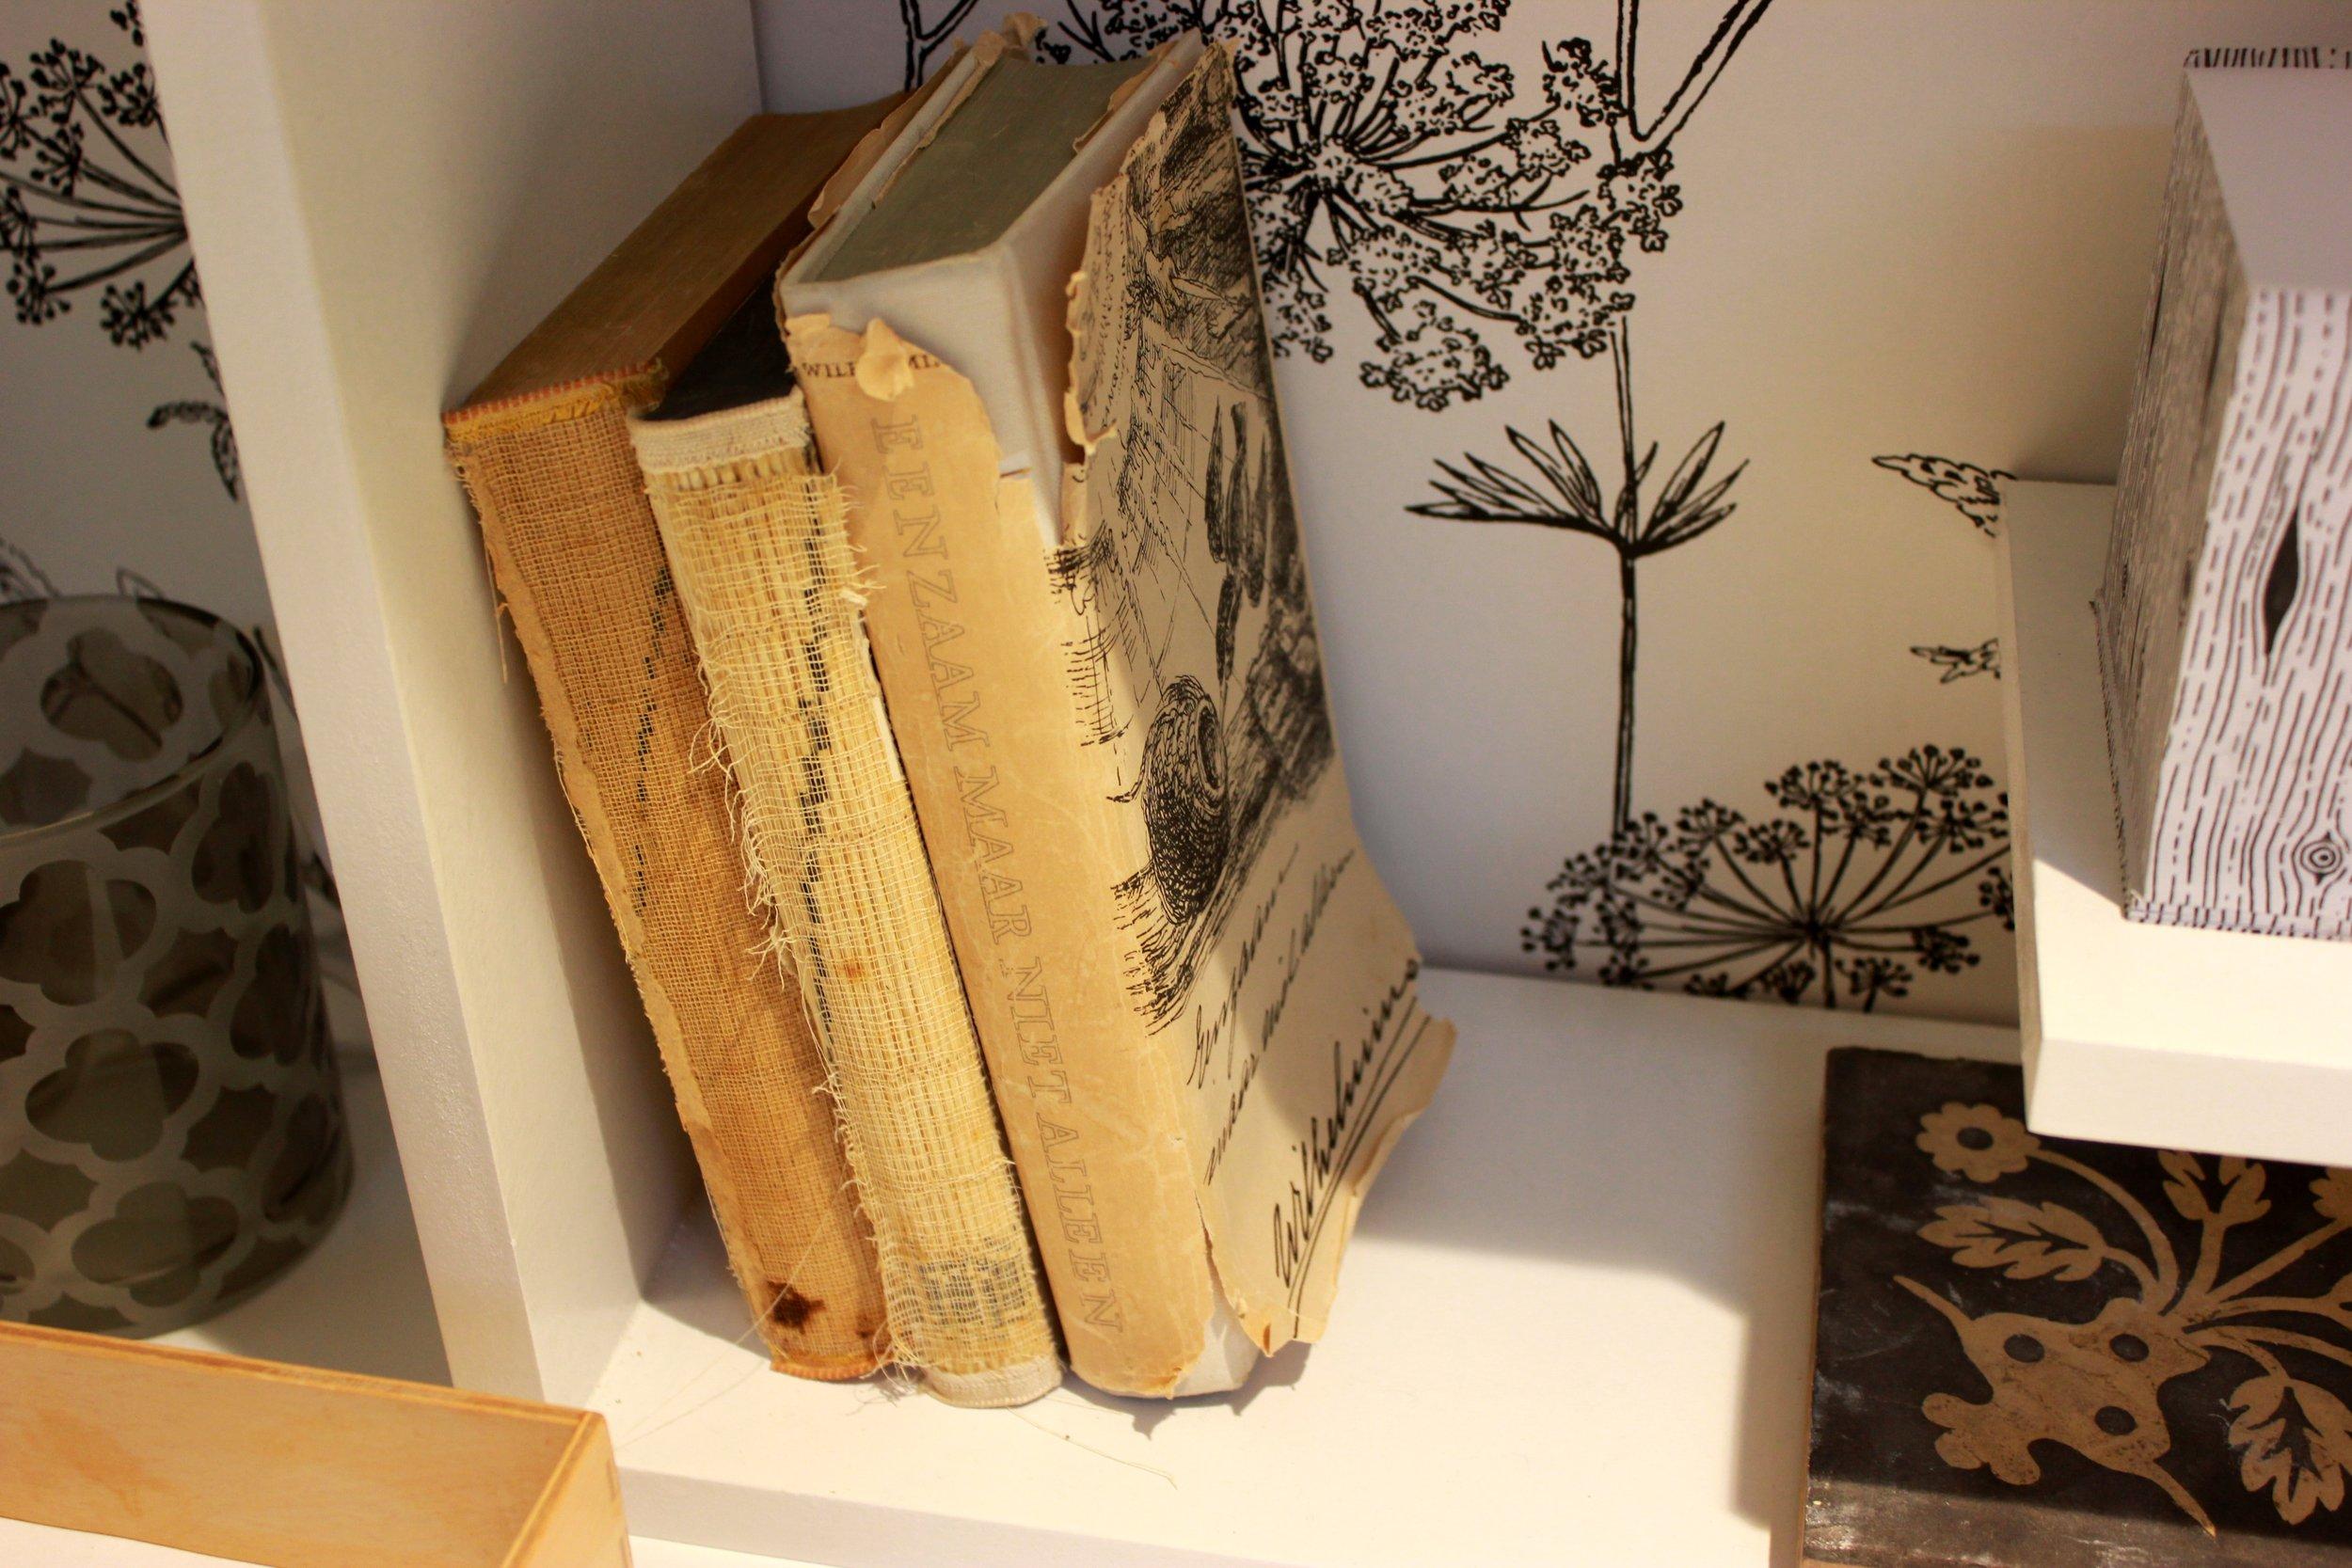 grateful for a shelf of books